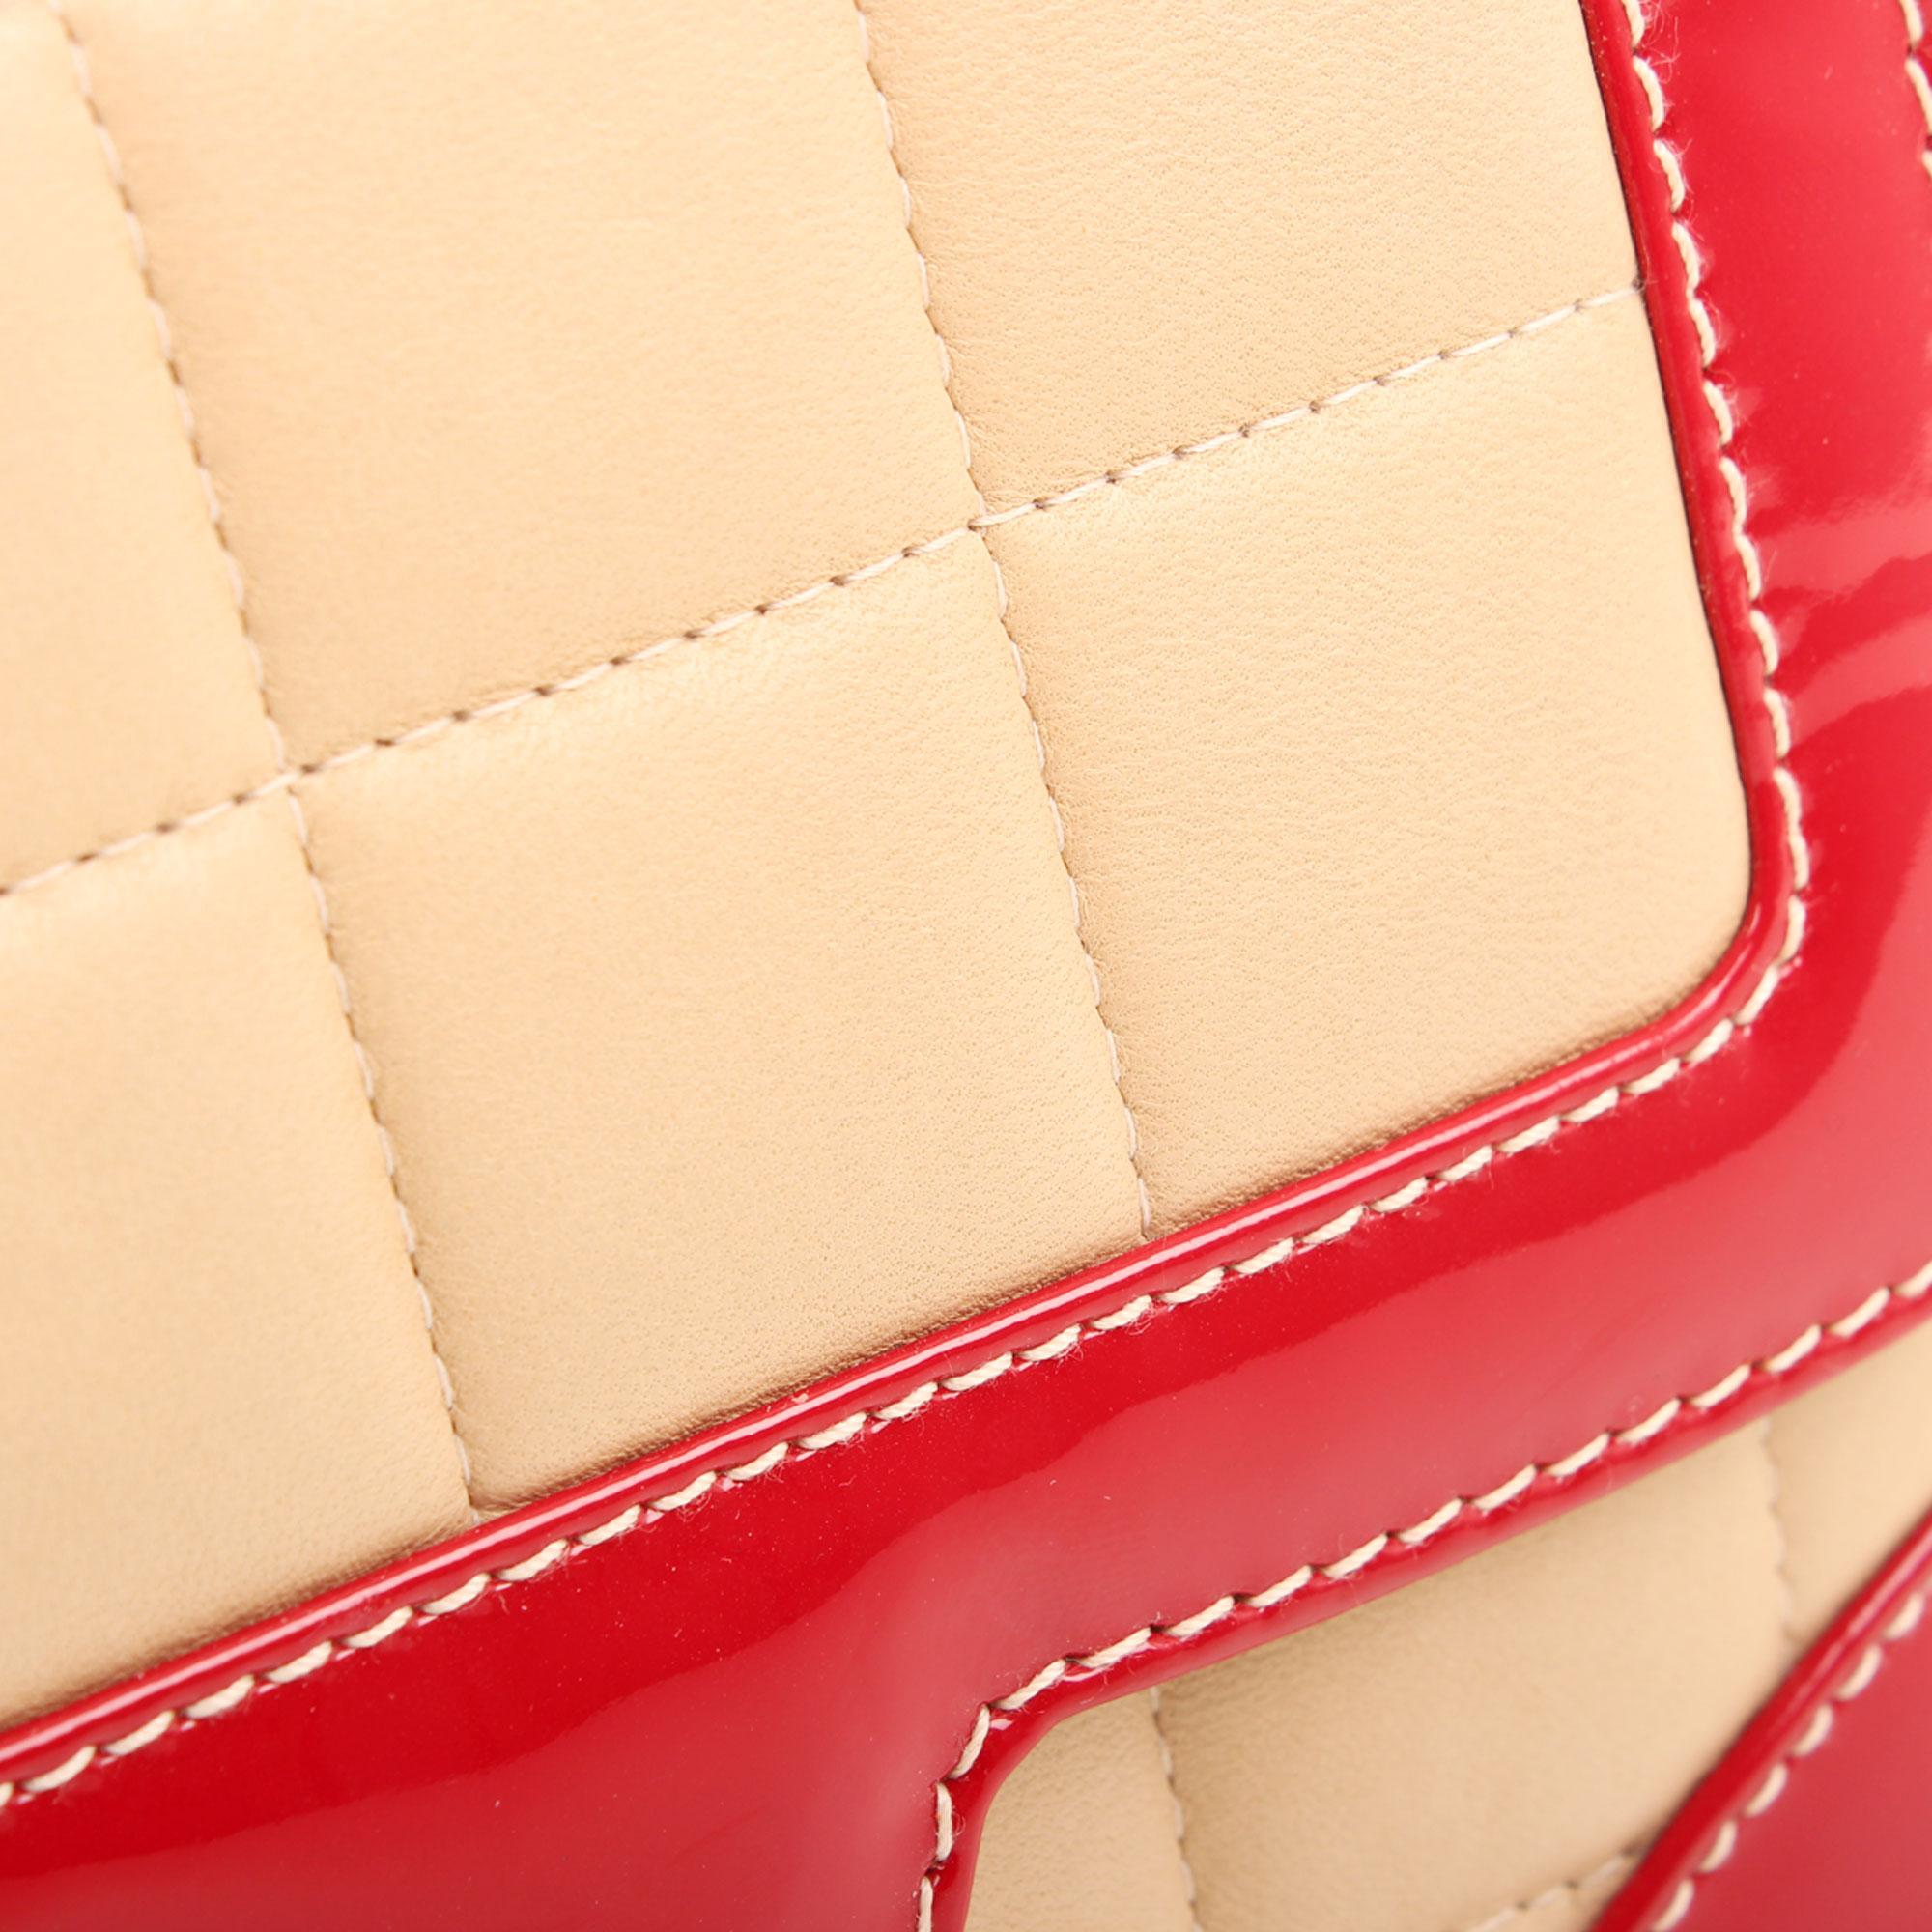 Imagen del detalle de la piel del bolso chanel bicolor choco bar solapa unica